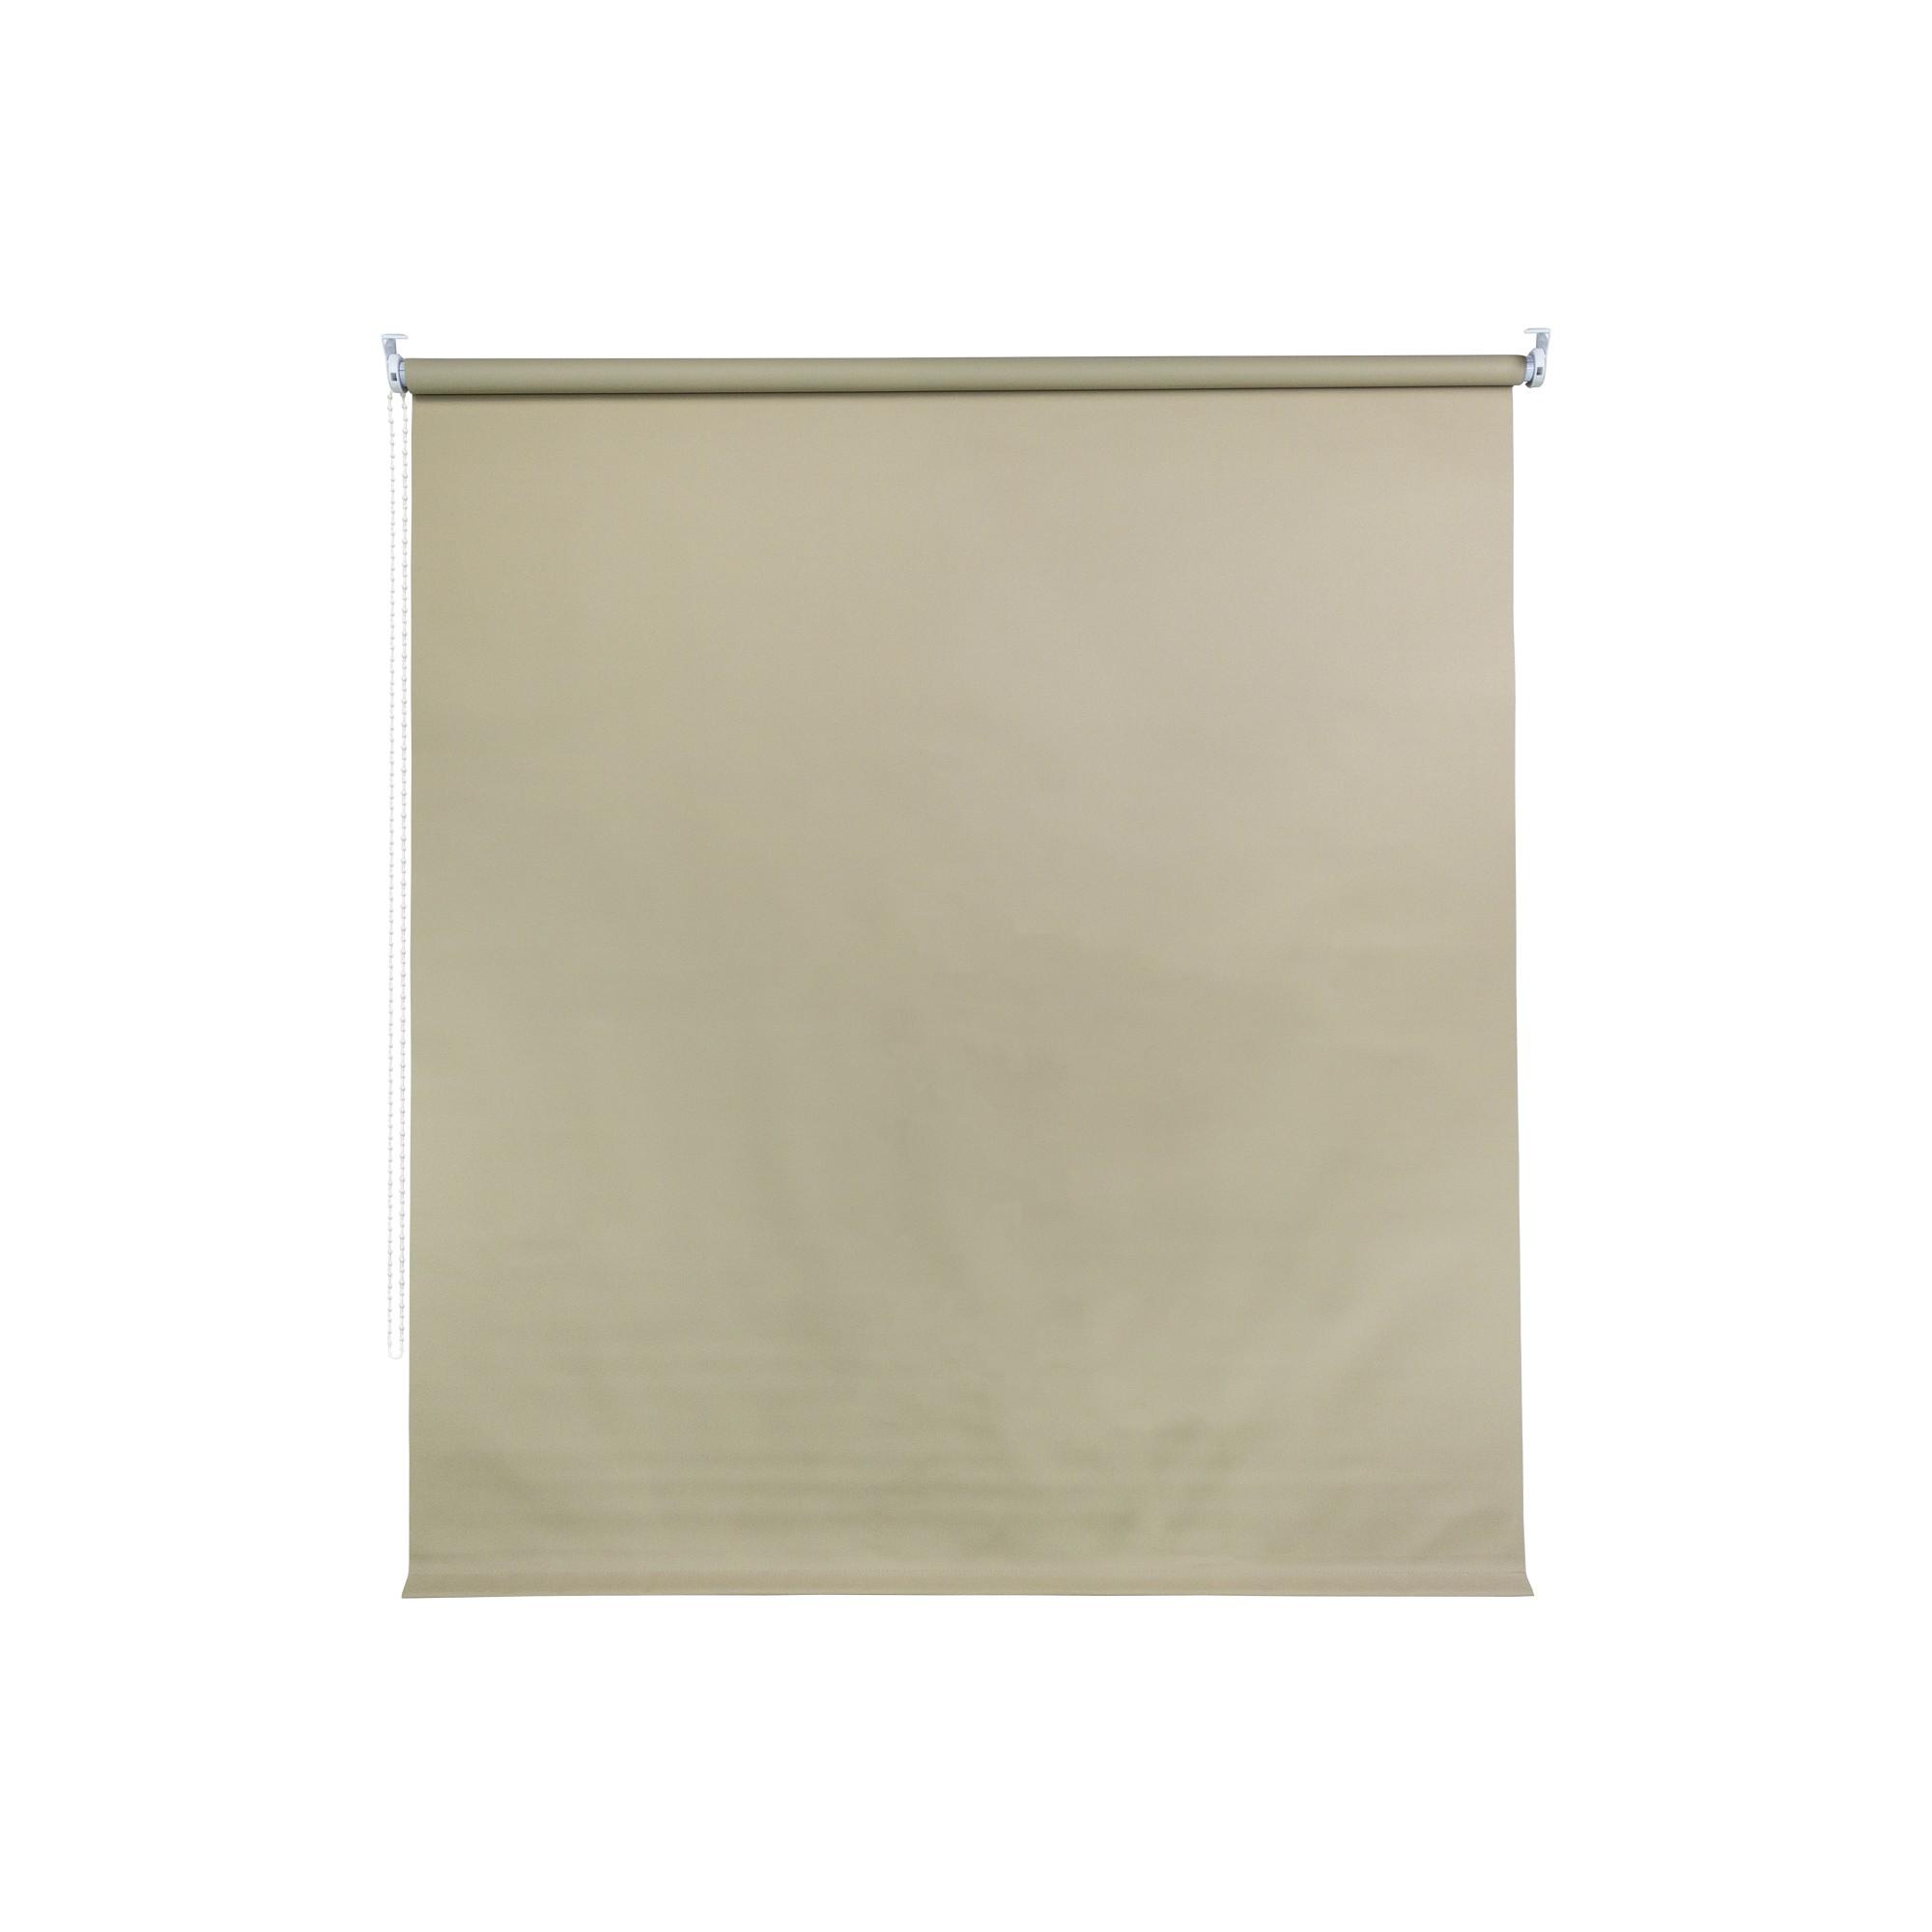 Persiana Rolo Poliester 80x170 cm Marfim D48-3 - Jolie